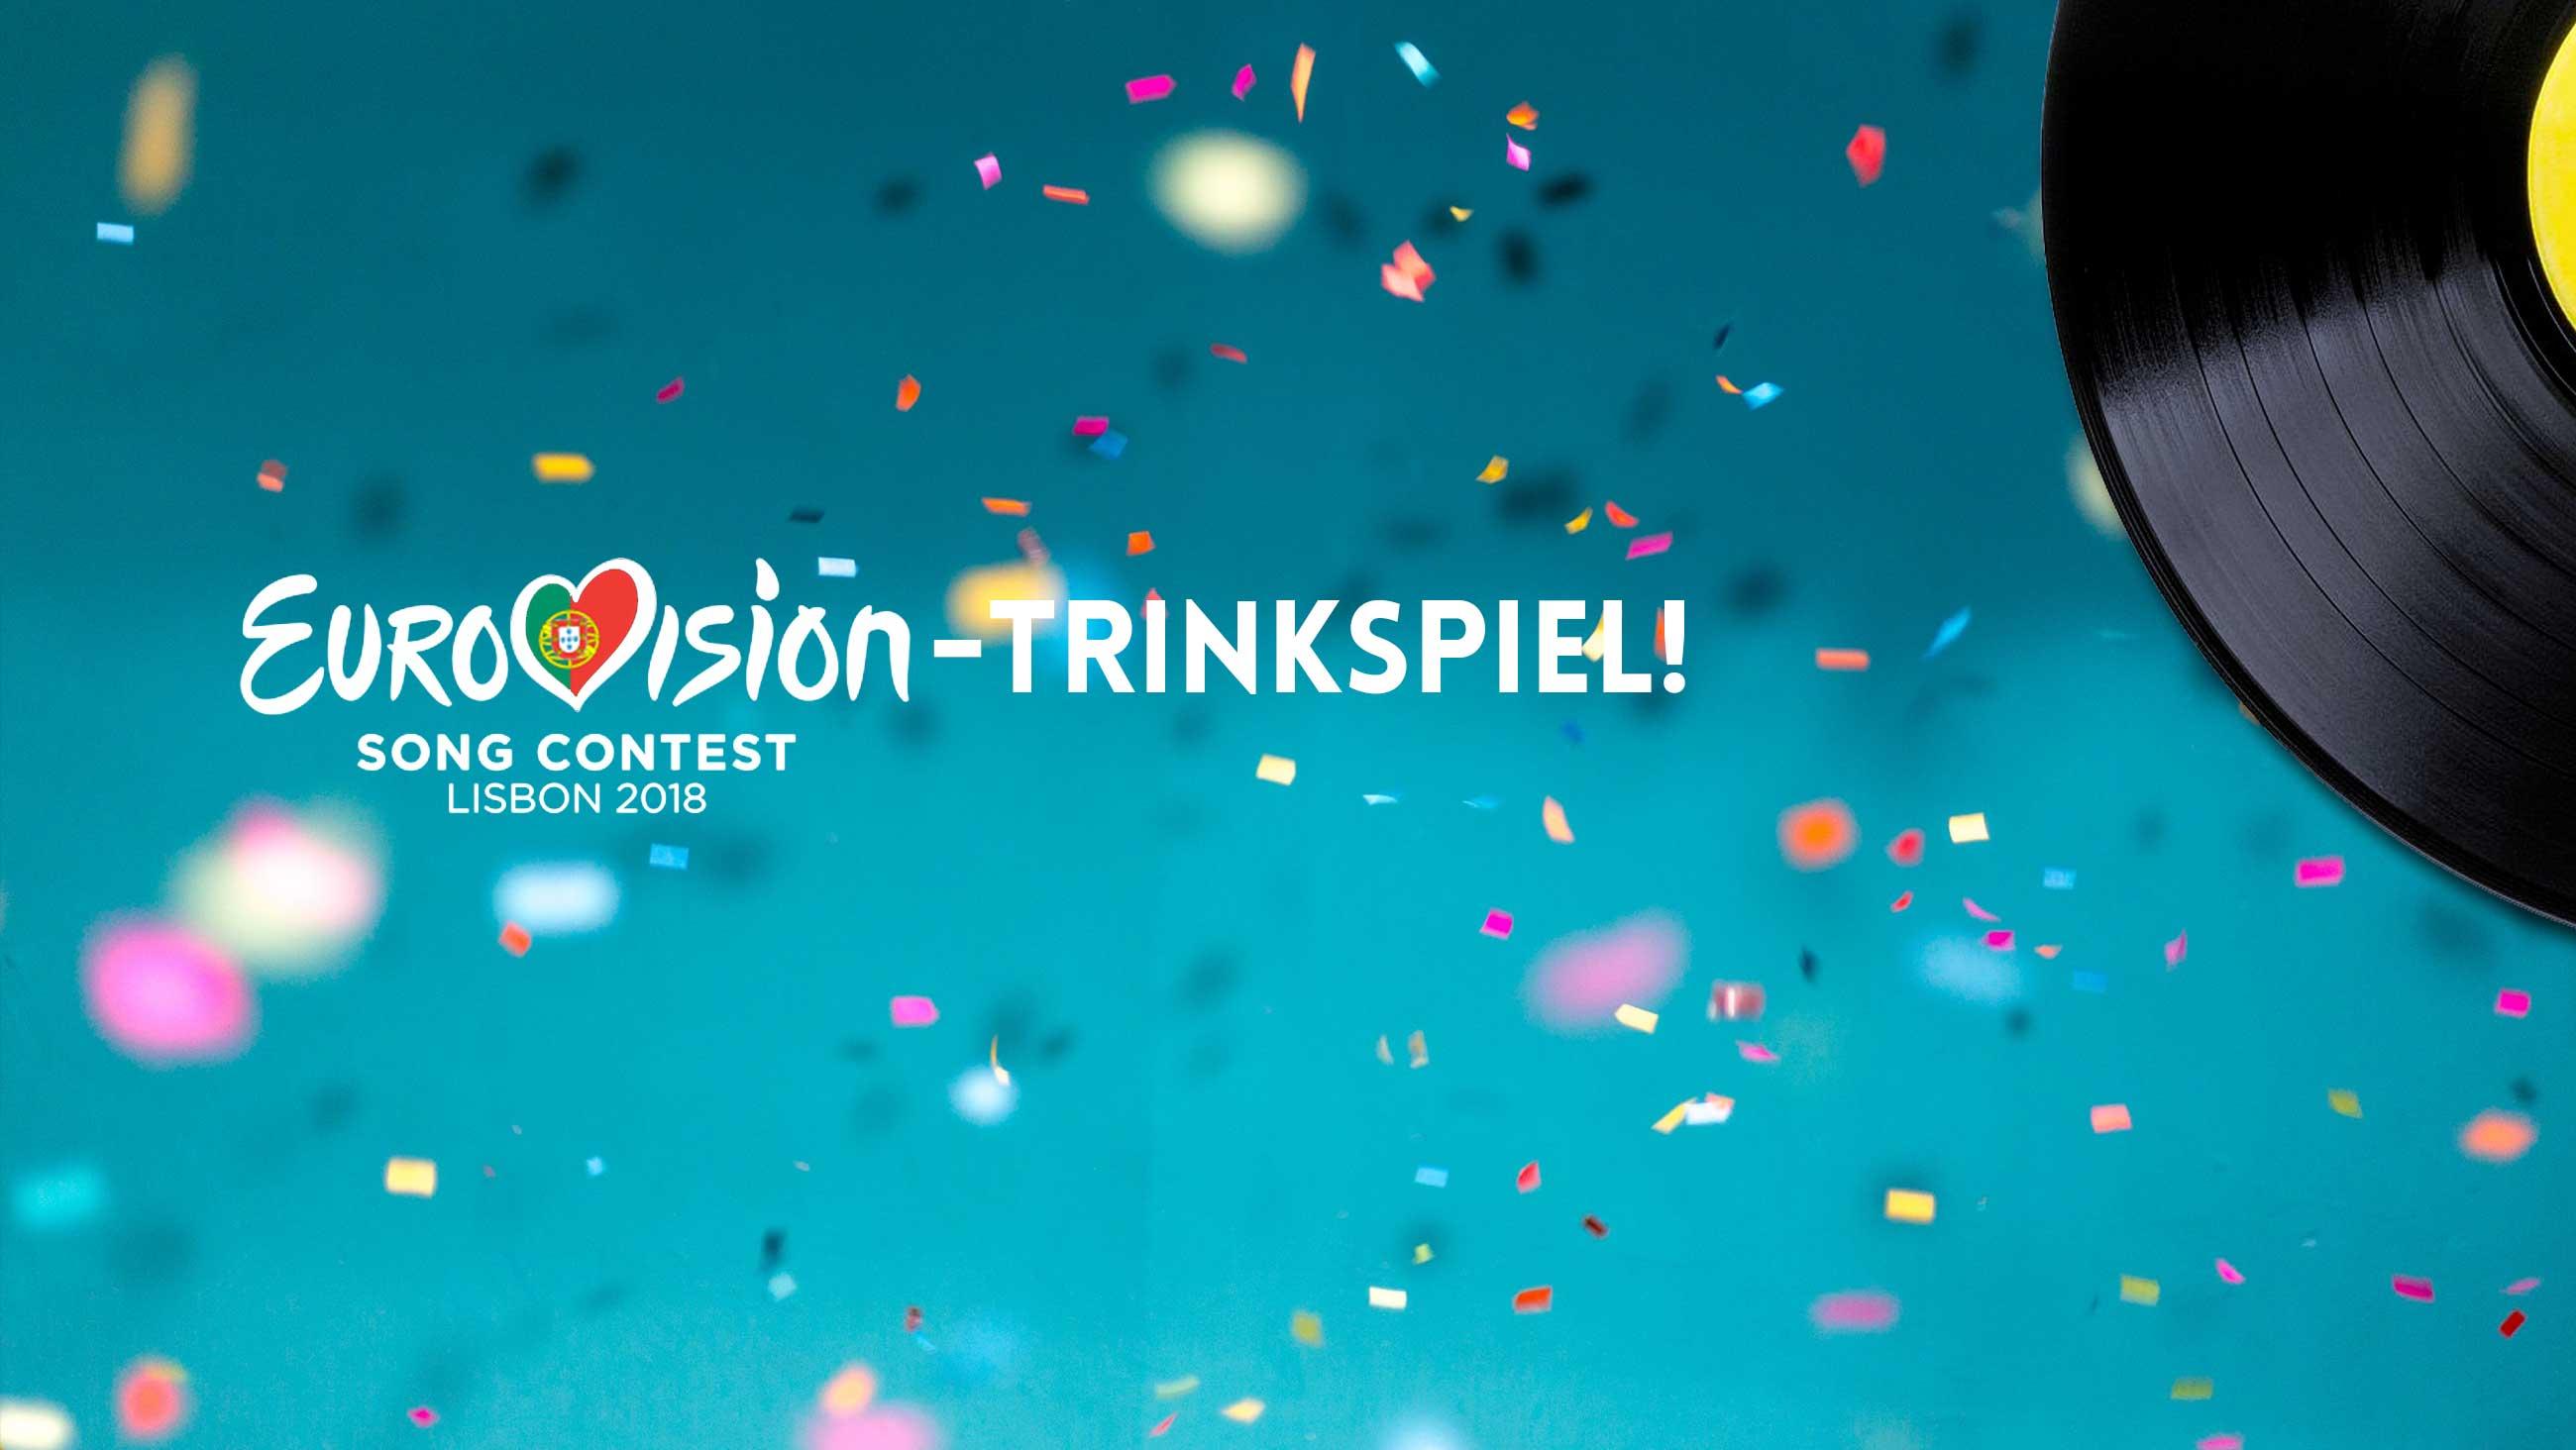 Eurovision Song Contest 2018: Trink- und Tippspiel